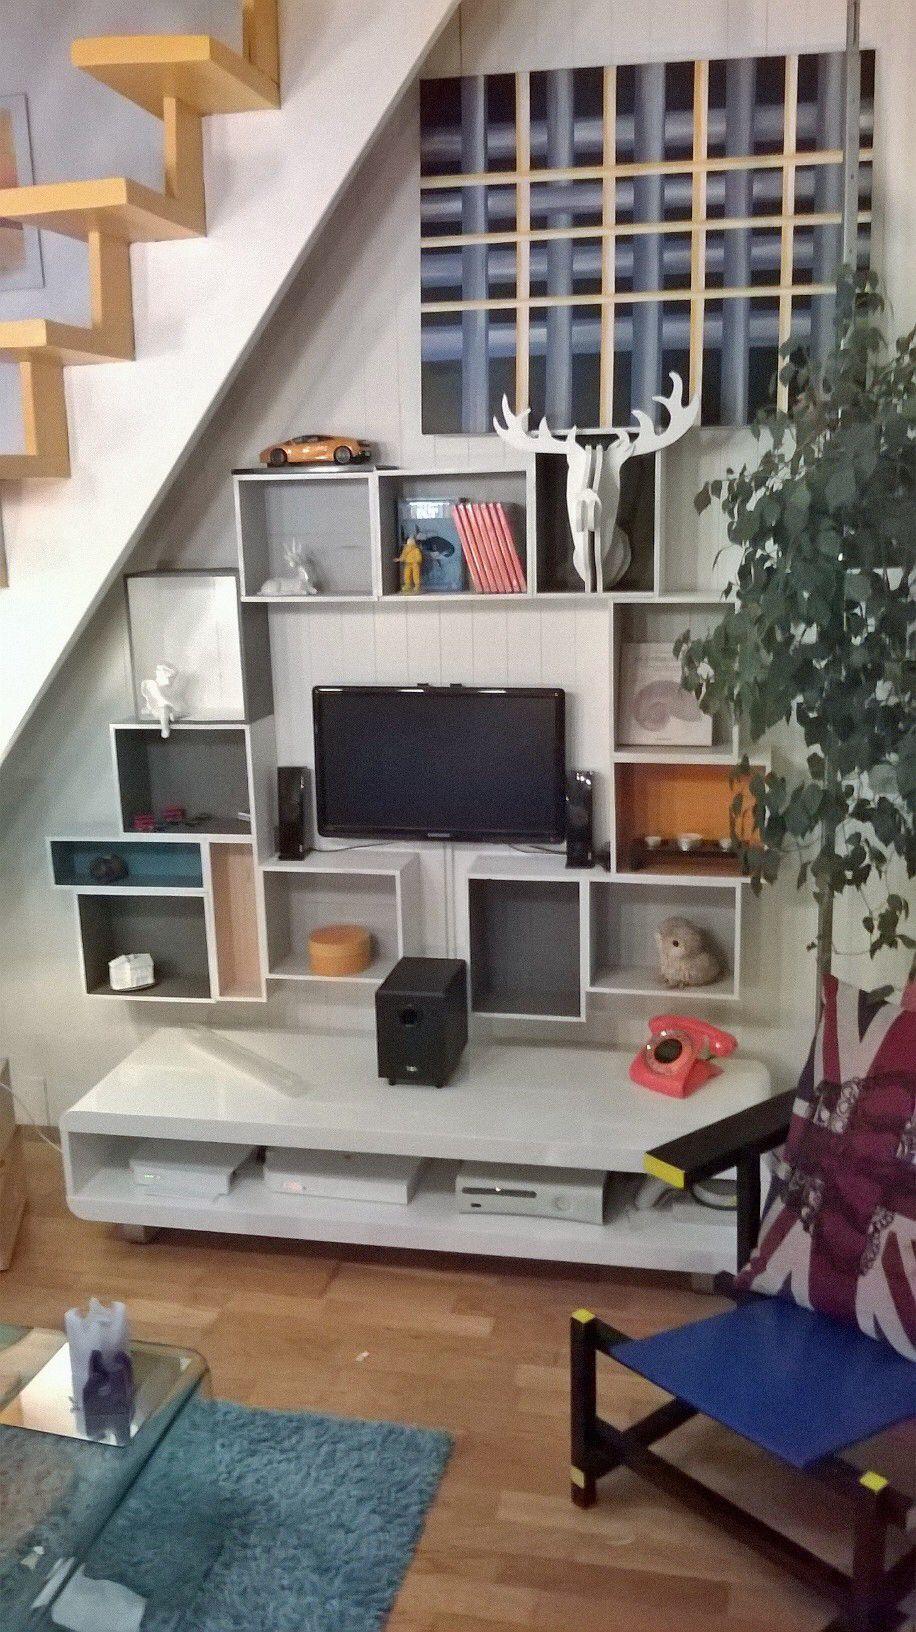 tag re caisses vin estantes pinterest caisse a vin caisse y tag re. Black Bedroom Furniture Sets. Home Design Ideas